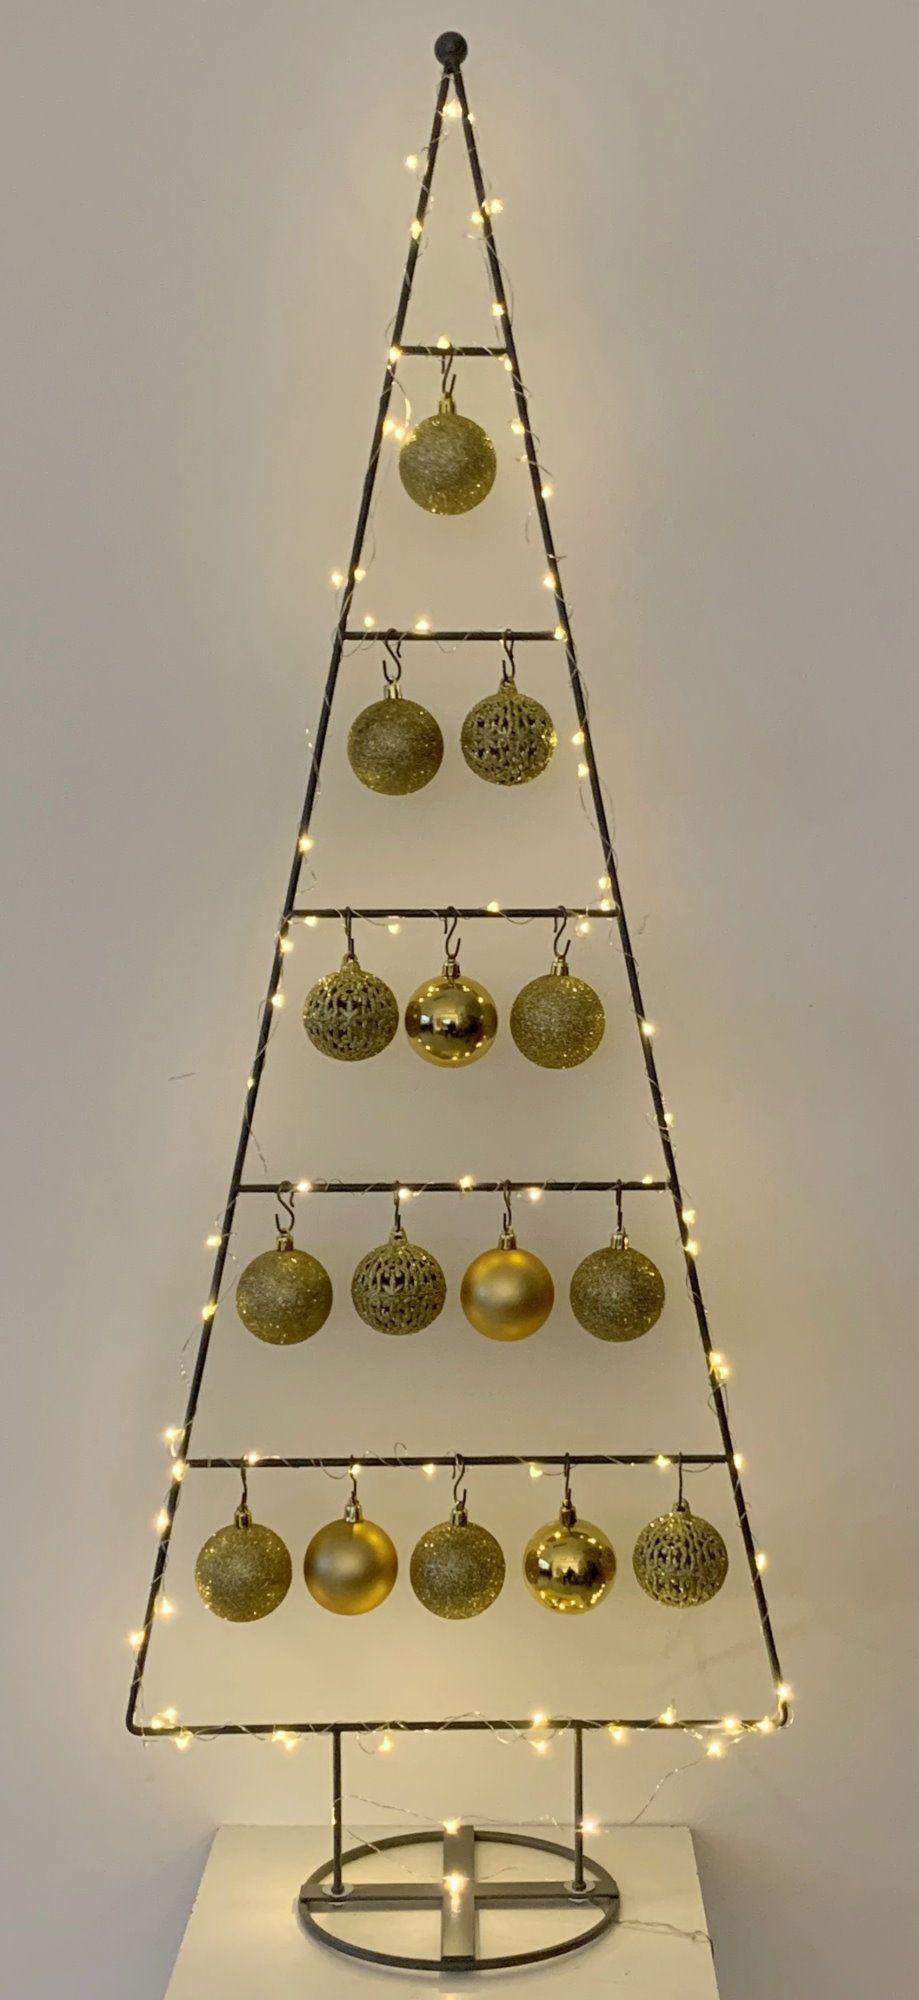 MARC® Weihnachtsbaum Christbaum Dekobaum TRIDENT, gold - 114cm